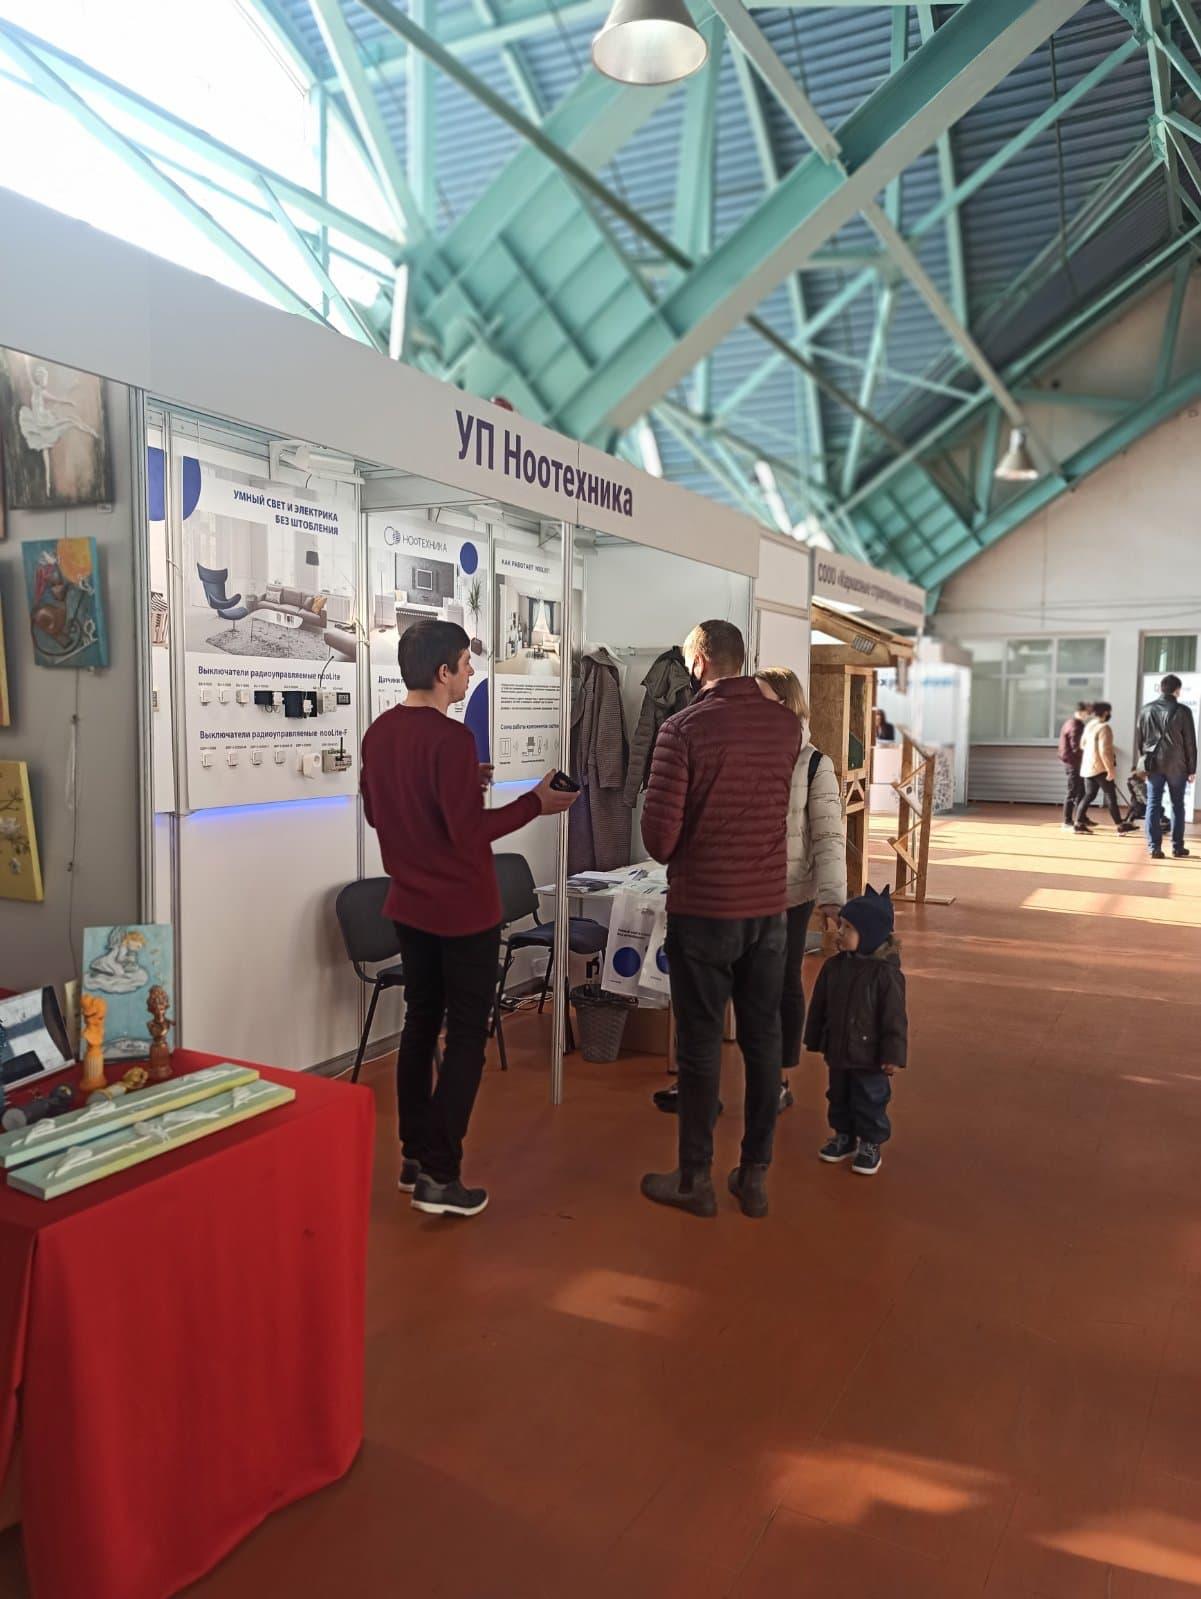 Ноотехника приняла участие в выставке с 25 по 27 марта 2021.